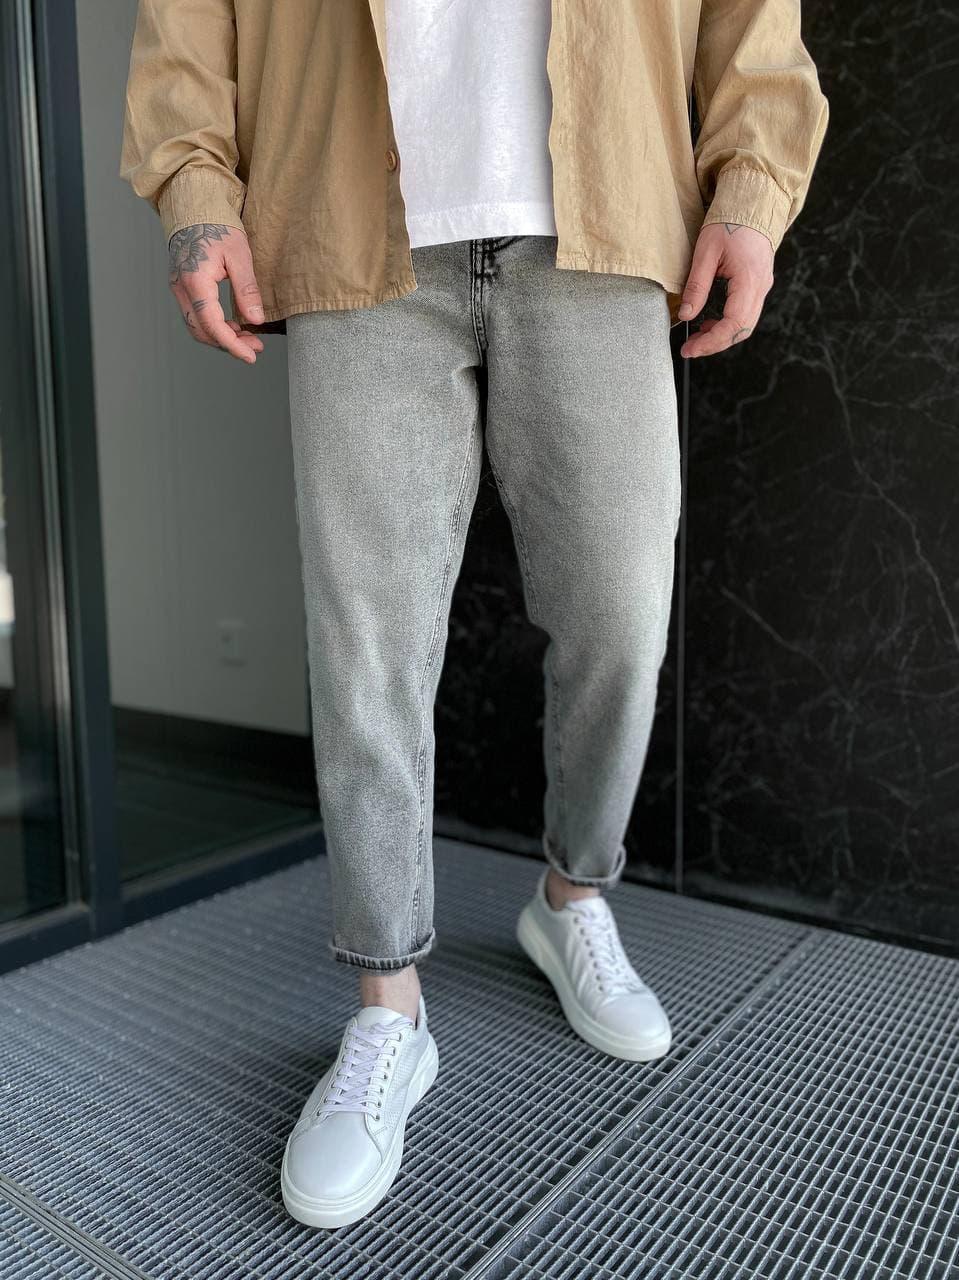 Мужские джинсы прямые МОМ светло-серого цвета